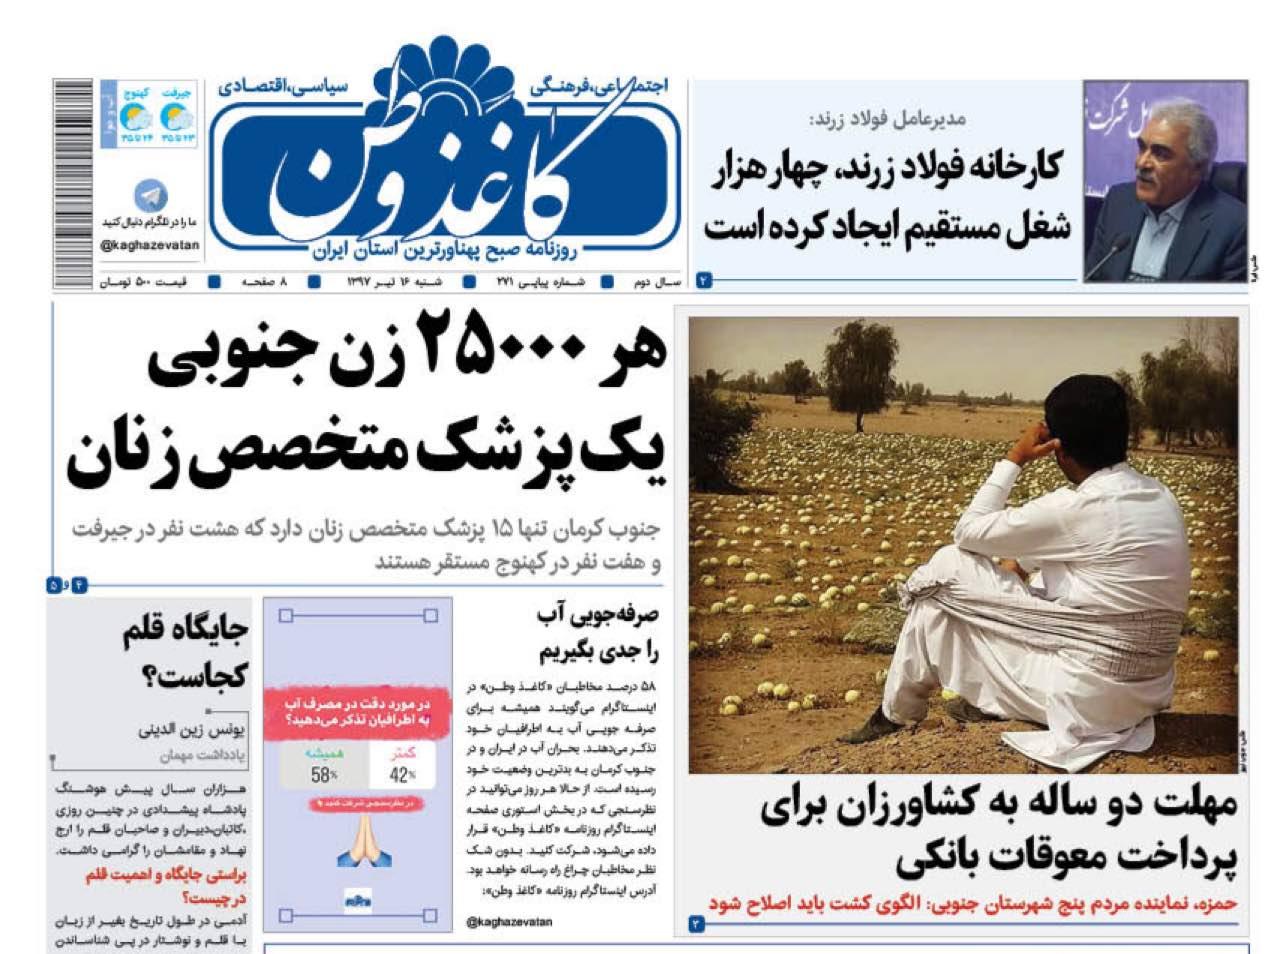 از فصل پرحاشیه مس تا نبود متخصص زنان درجنوب کرمان